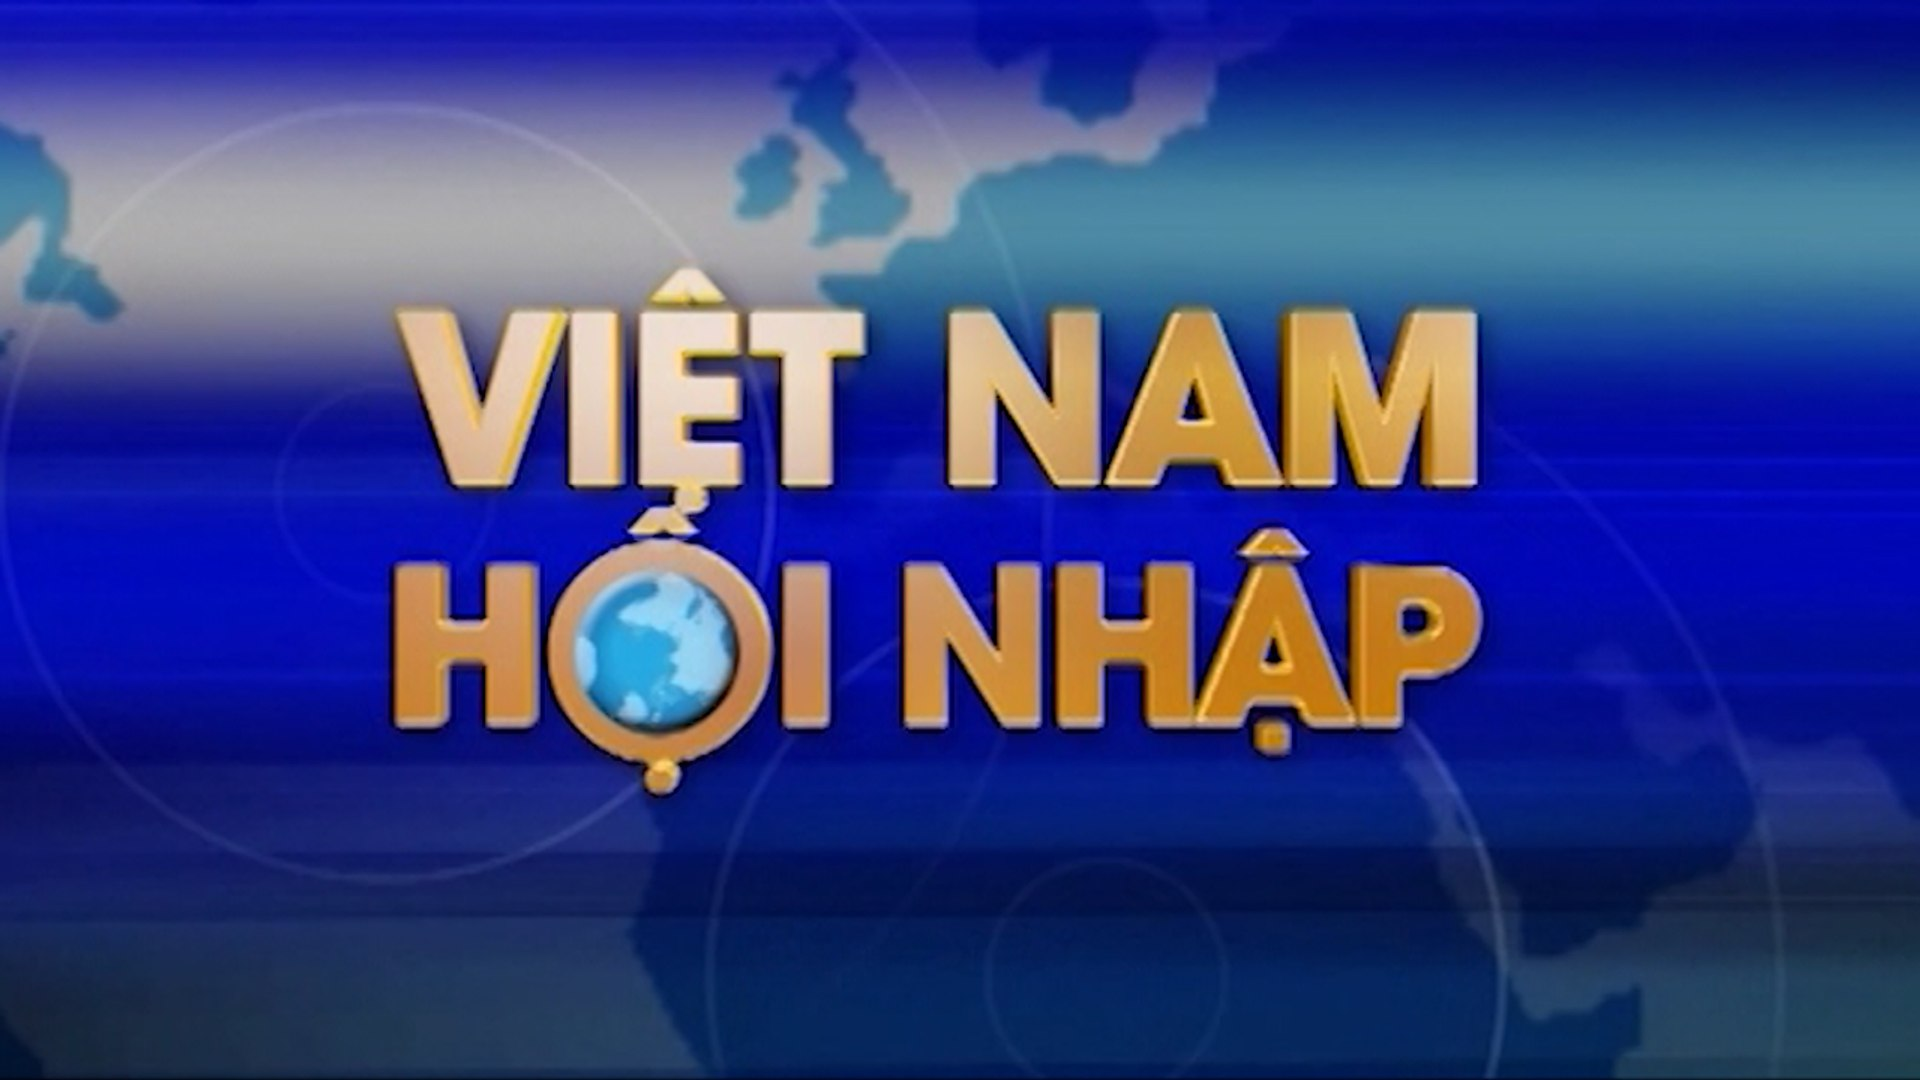 Việt Nam hội nhập - 12/03/2017